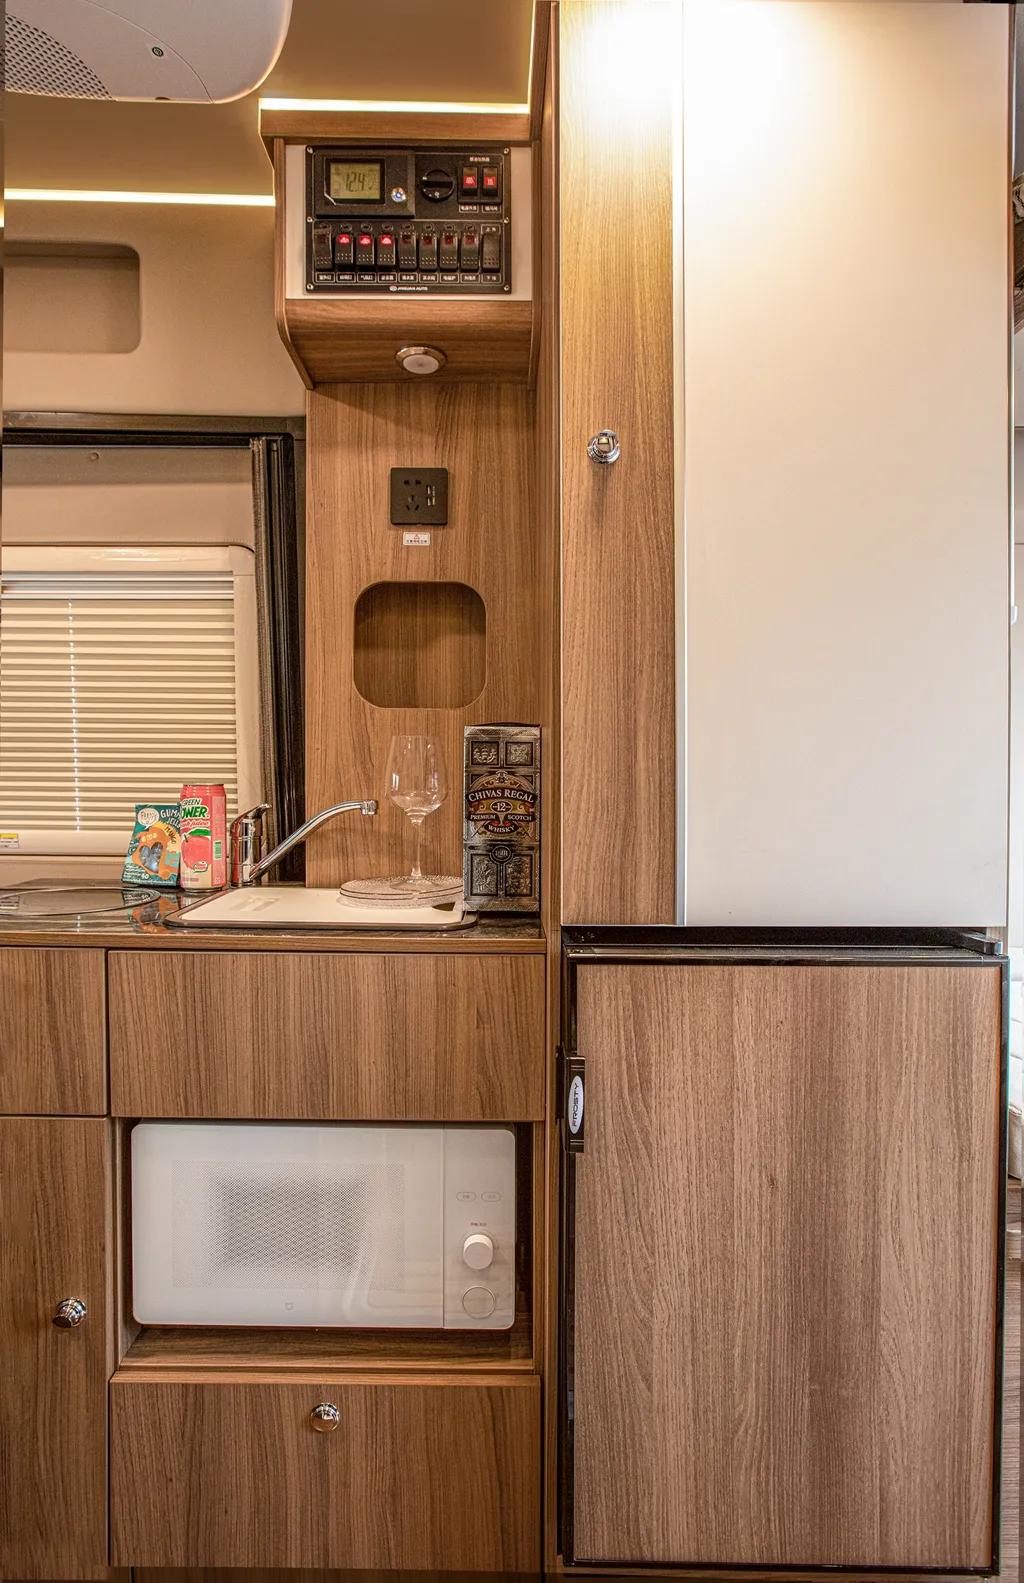 完美结合了实用性与舒适性,金冠宾歌B900房车来袭